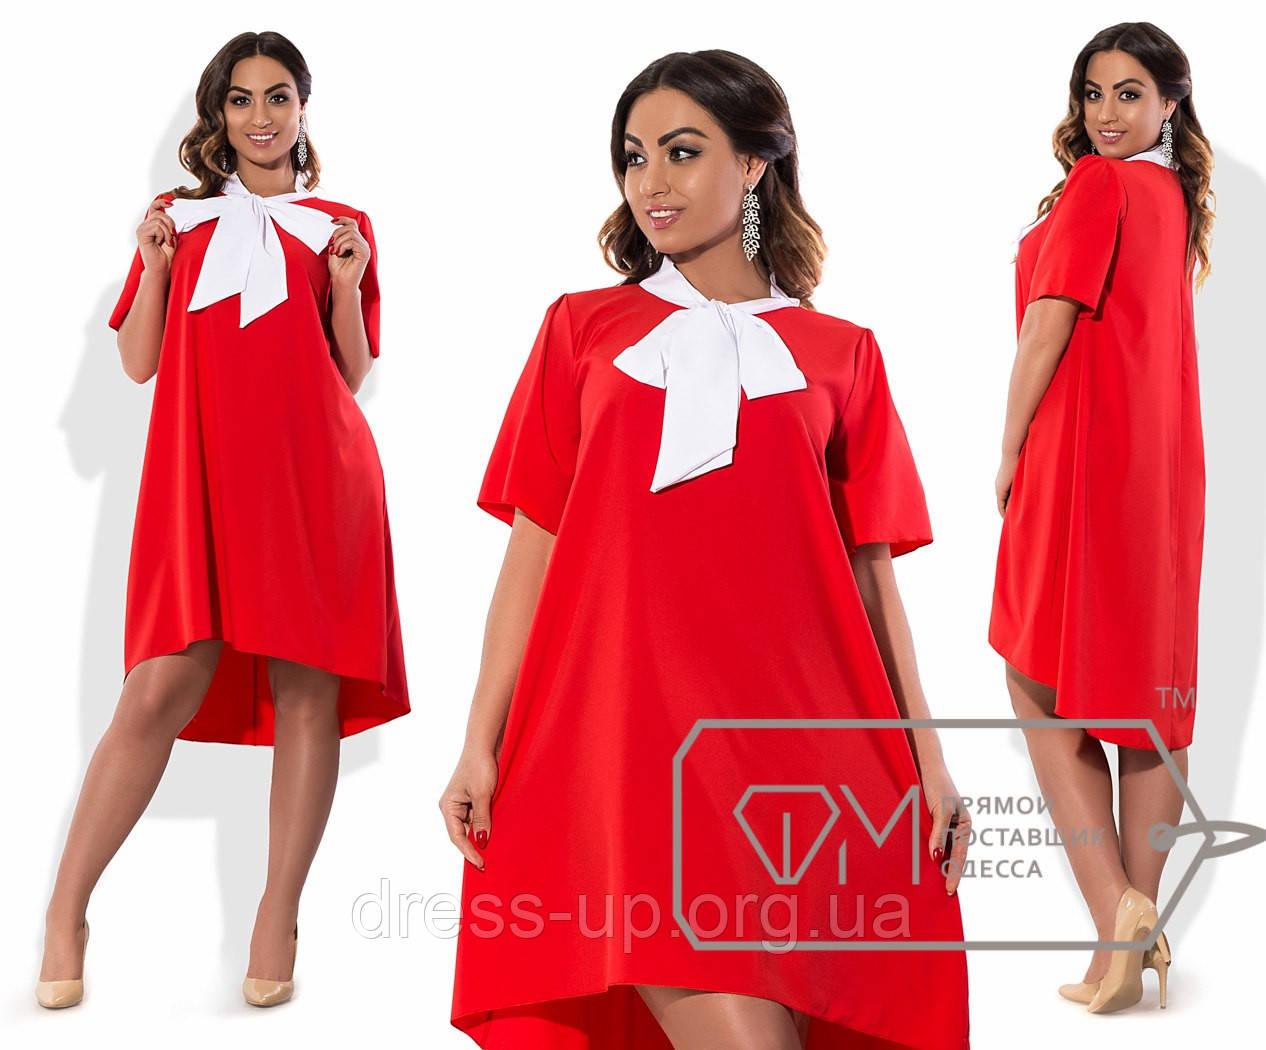 0258bfa3143e505 Платье женское красное с белой повязкой на шею VV/-1080, цена 530 ...